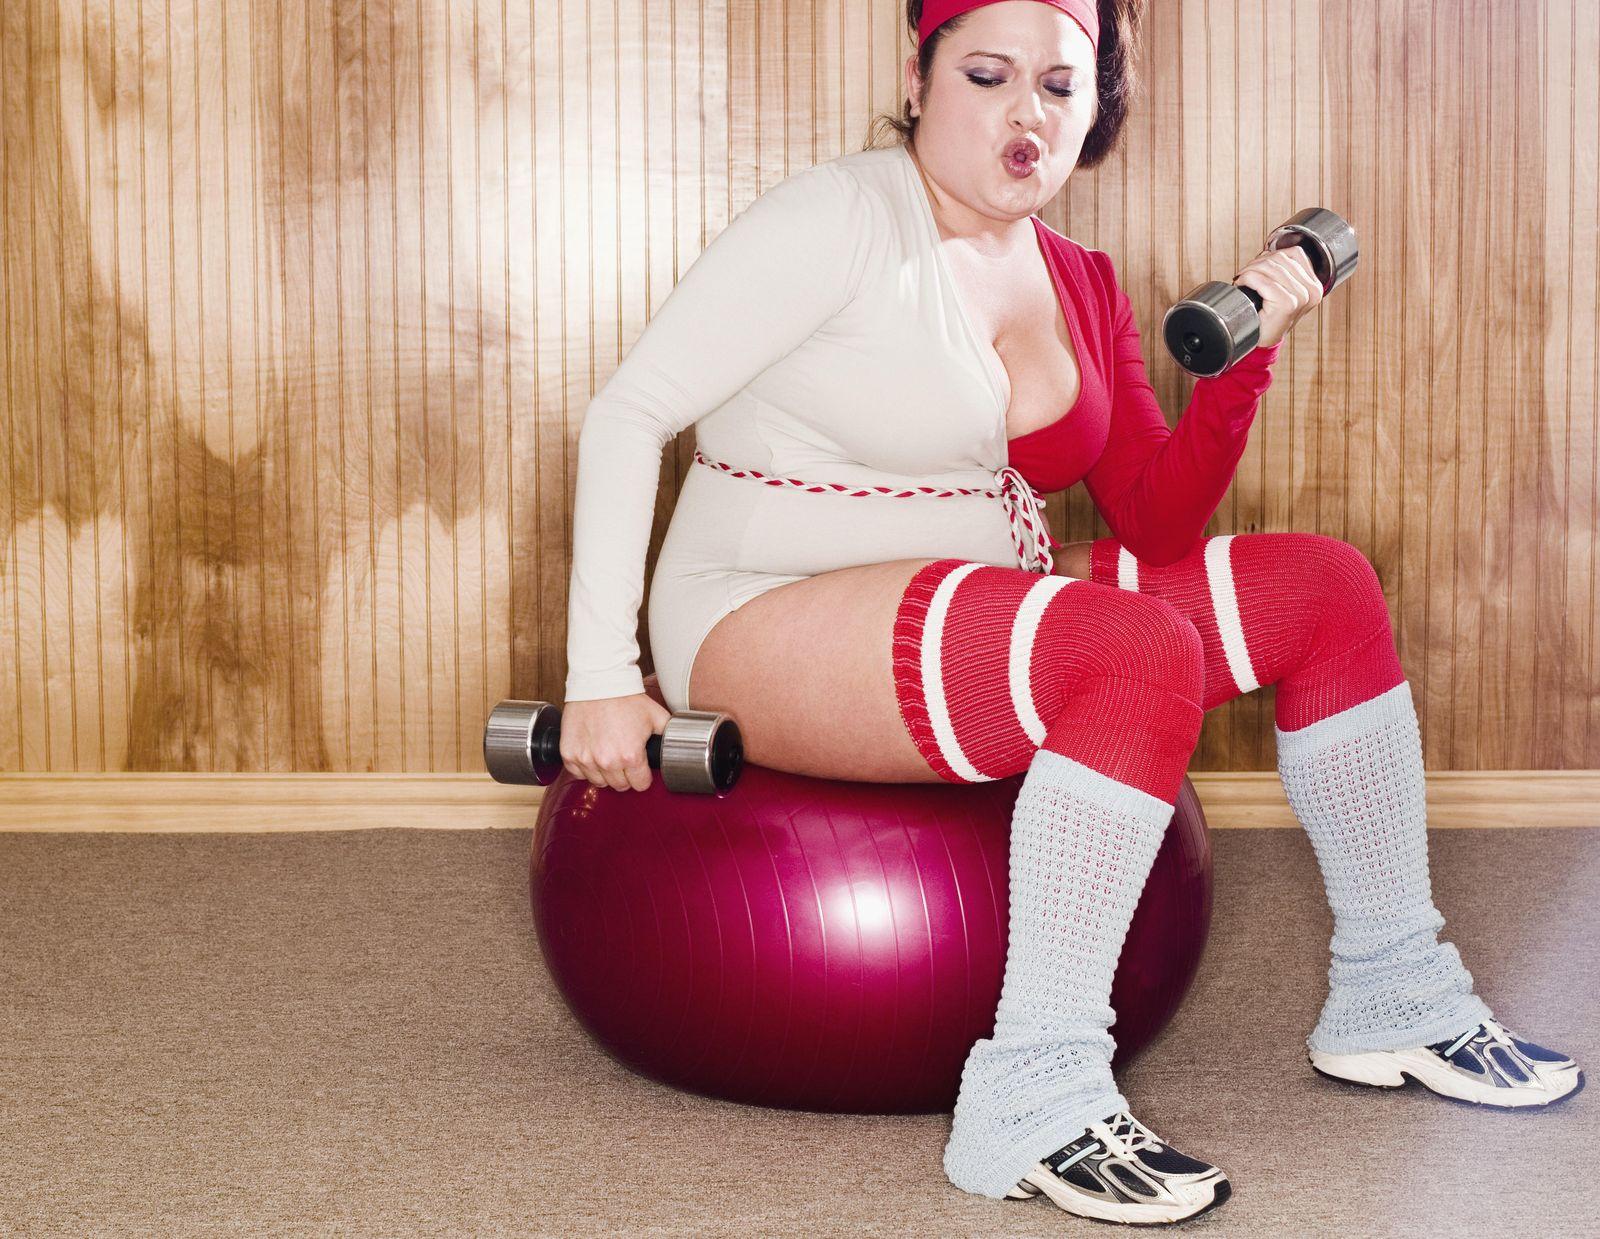 Foto: Deja de gastarte un pastón en entrenadores personales y accesorios de 'fitness'. Adelgazar es más sencillo de lo que crees. (Corbis)